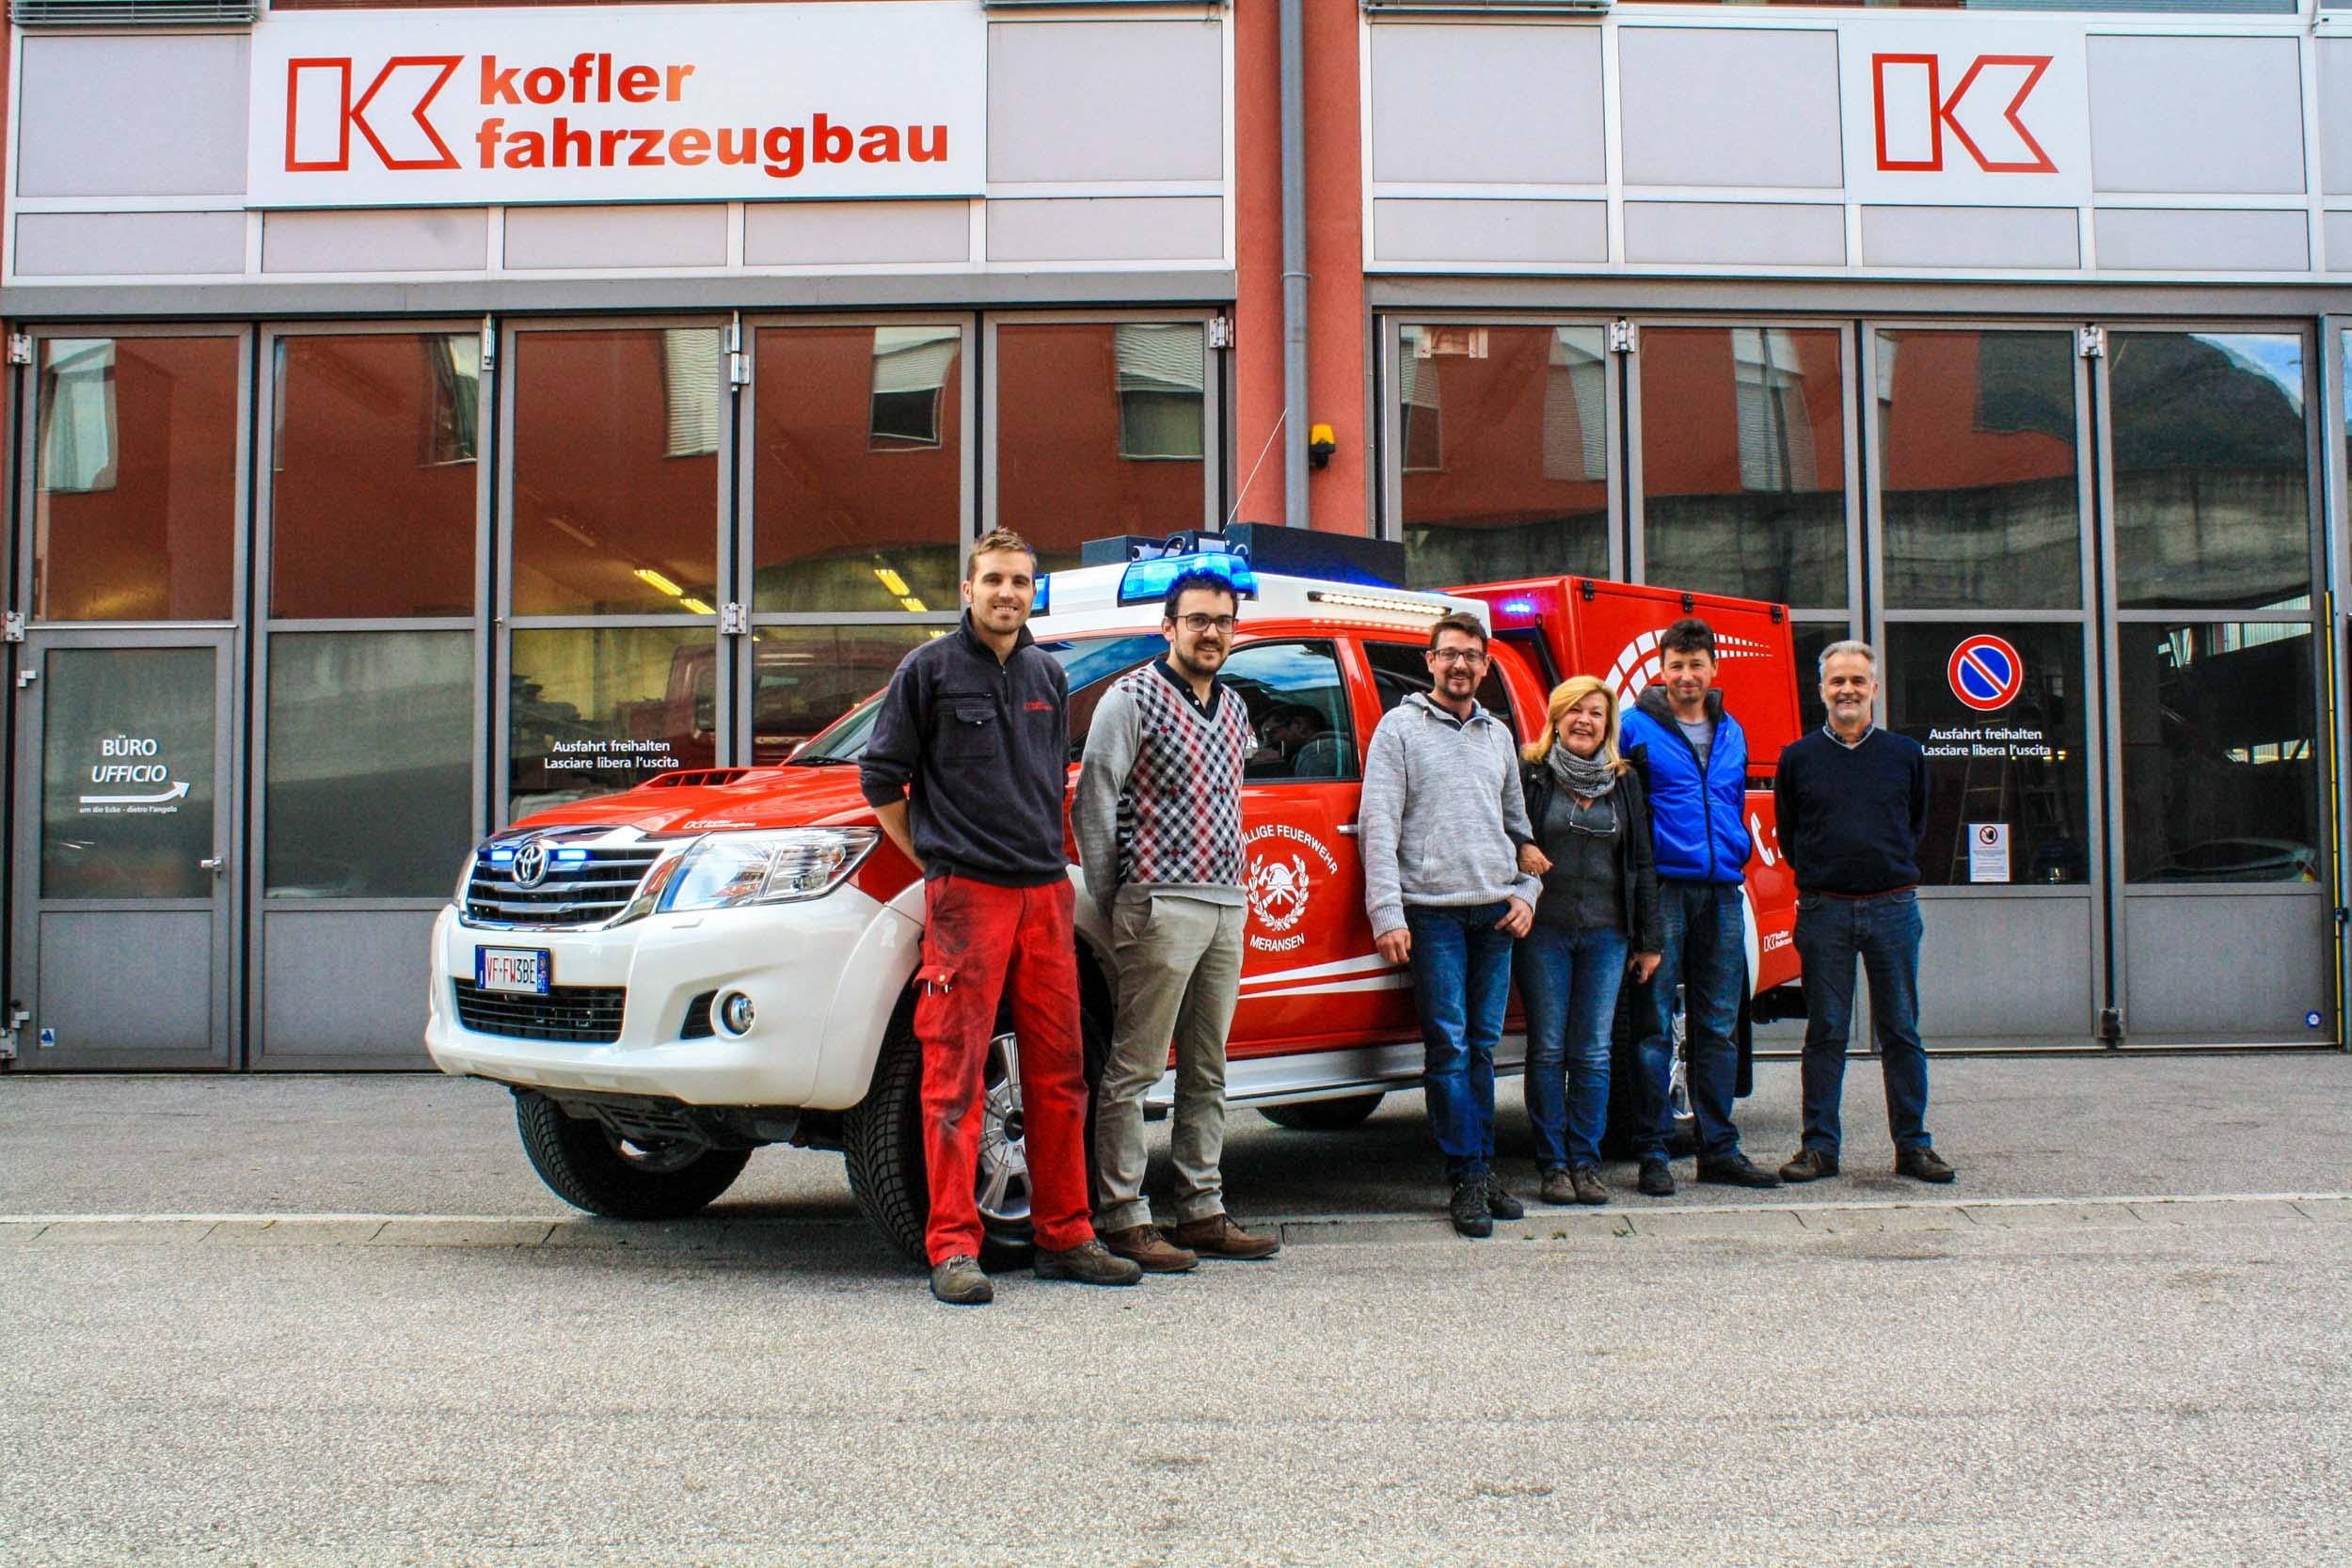 Übergabe-FF-Meransen-Kofler-Fahrzeugbau